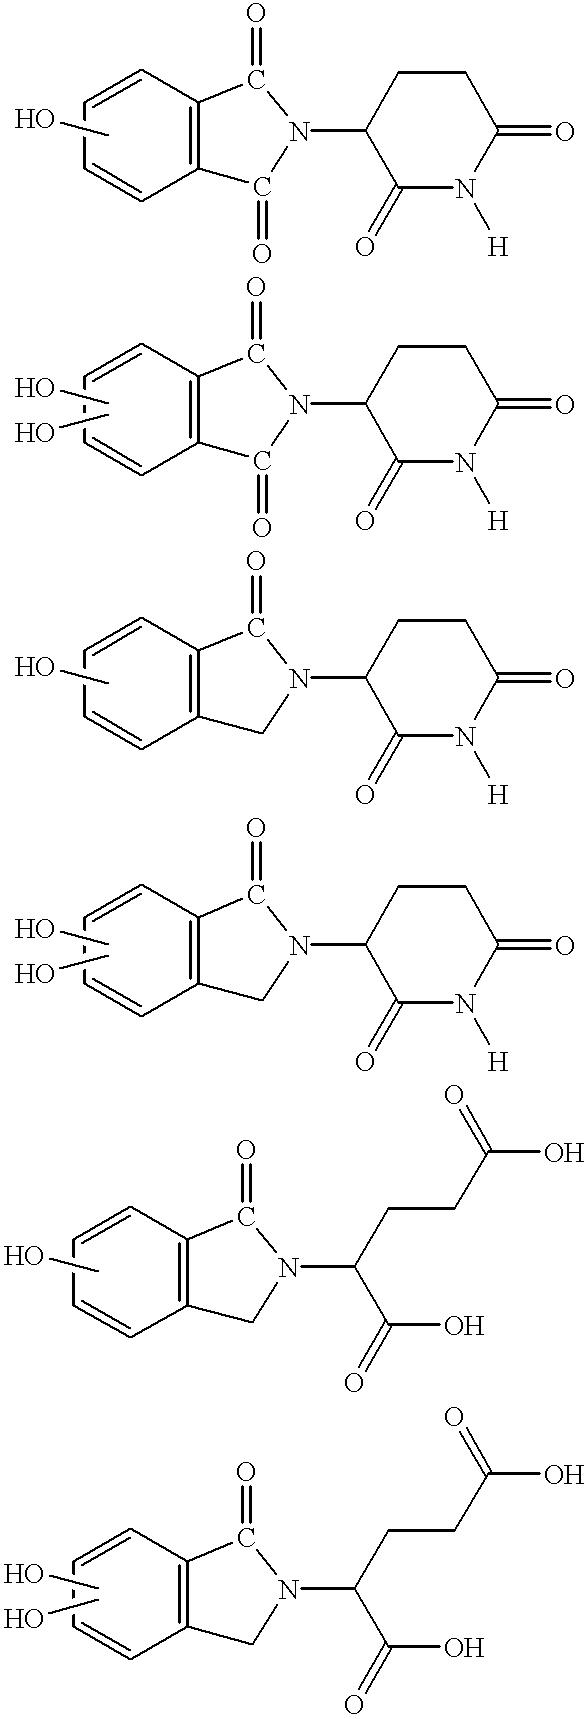 Figure US20020054899A1-20020509-C00002